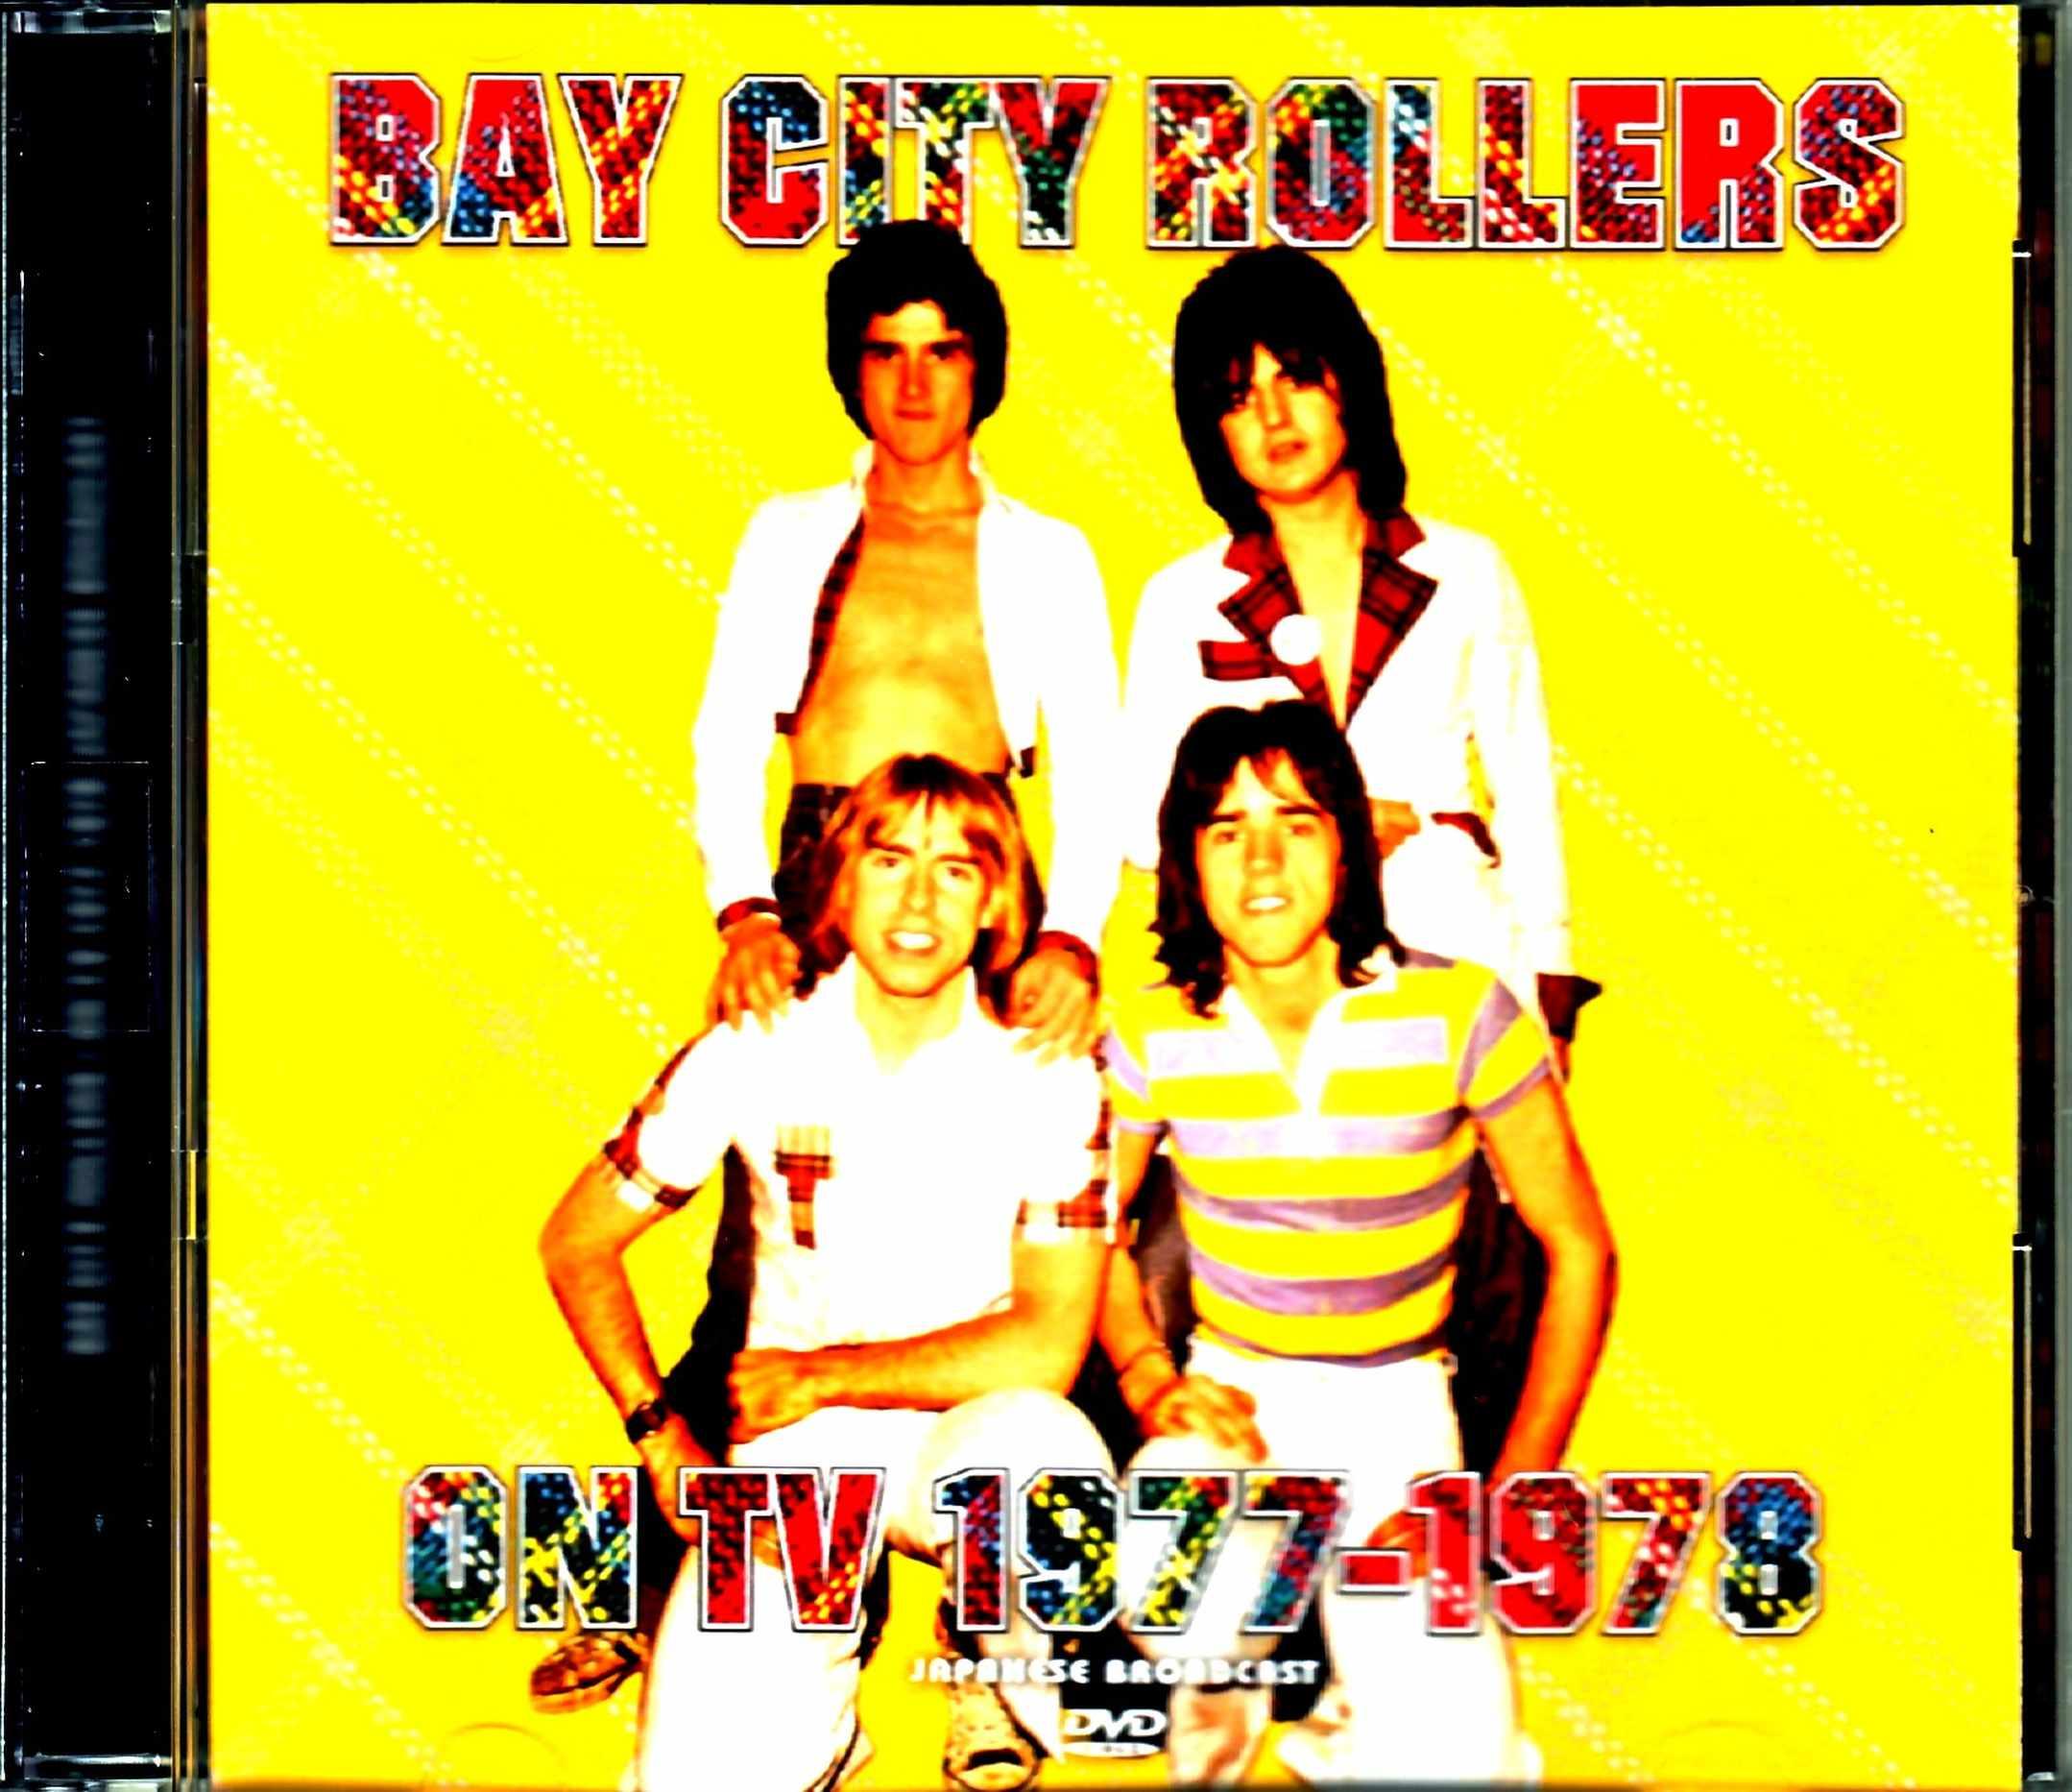 Bay City Rollers ベイ・シティ・ローラーズ/On TV 1977-1978 Japanese Broadcast Edition